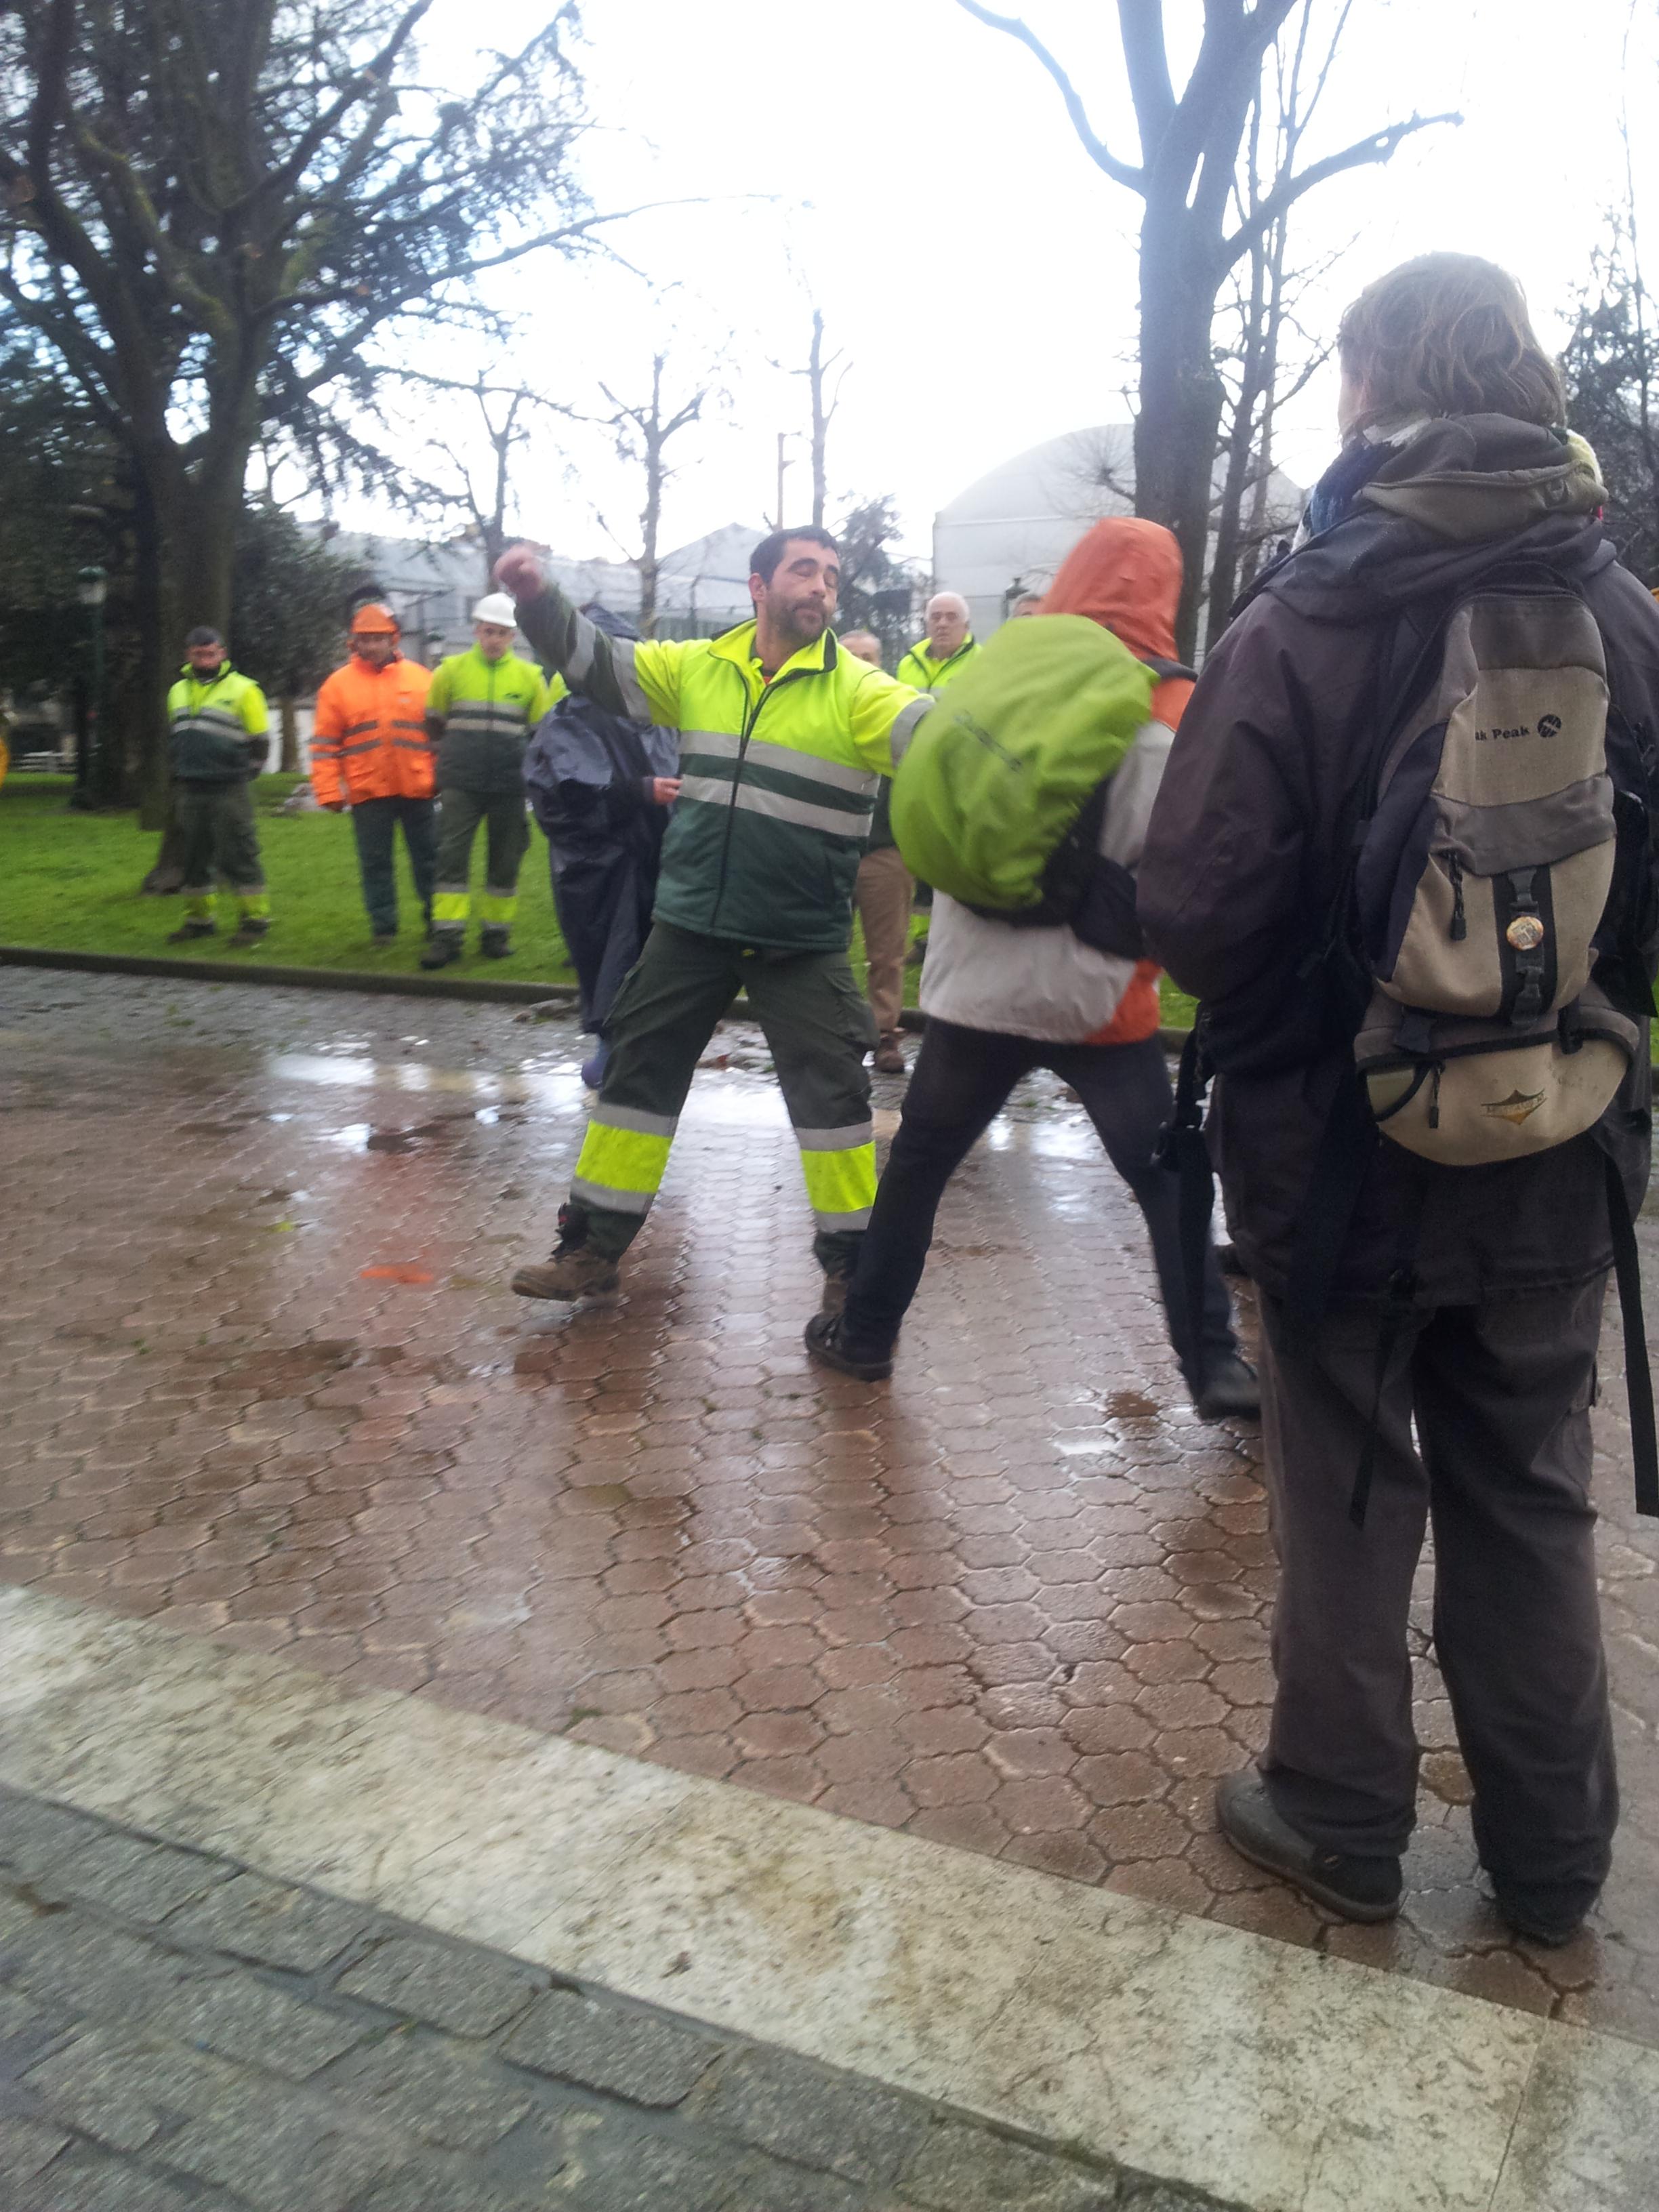 Un operario contra un manifestante con una pala excavadora, y ha amenazado con agredir a otro que le ha increpado.